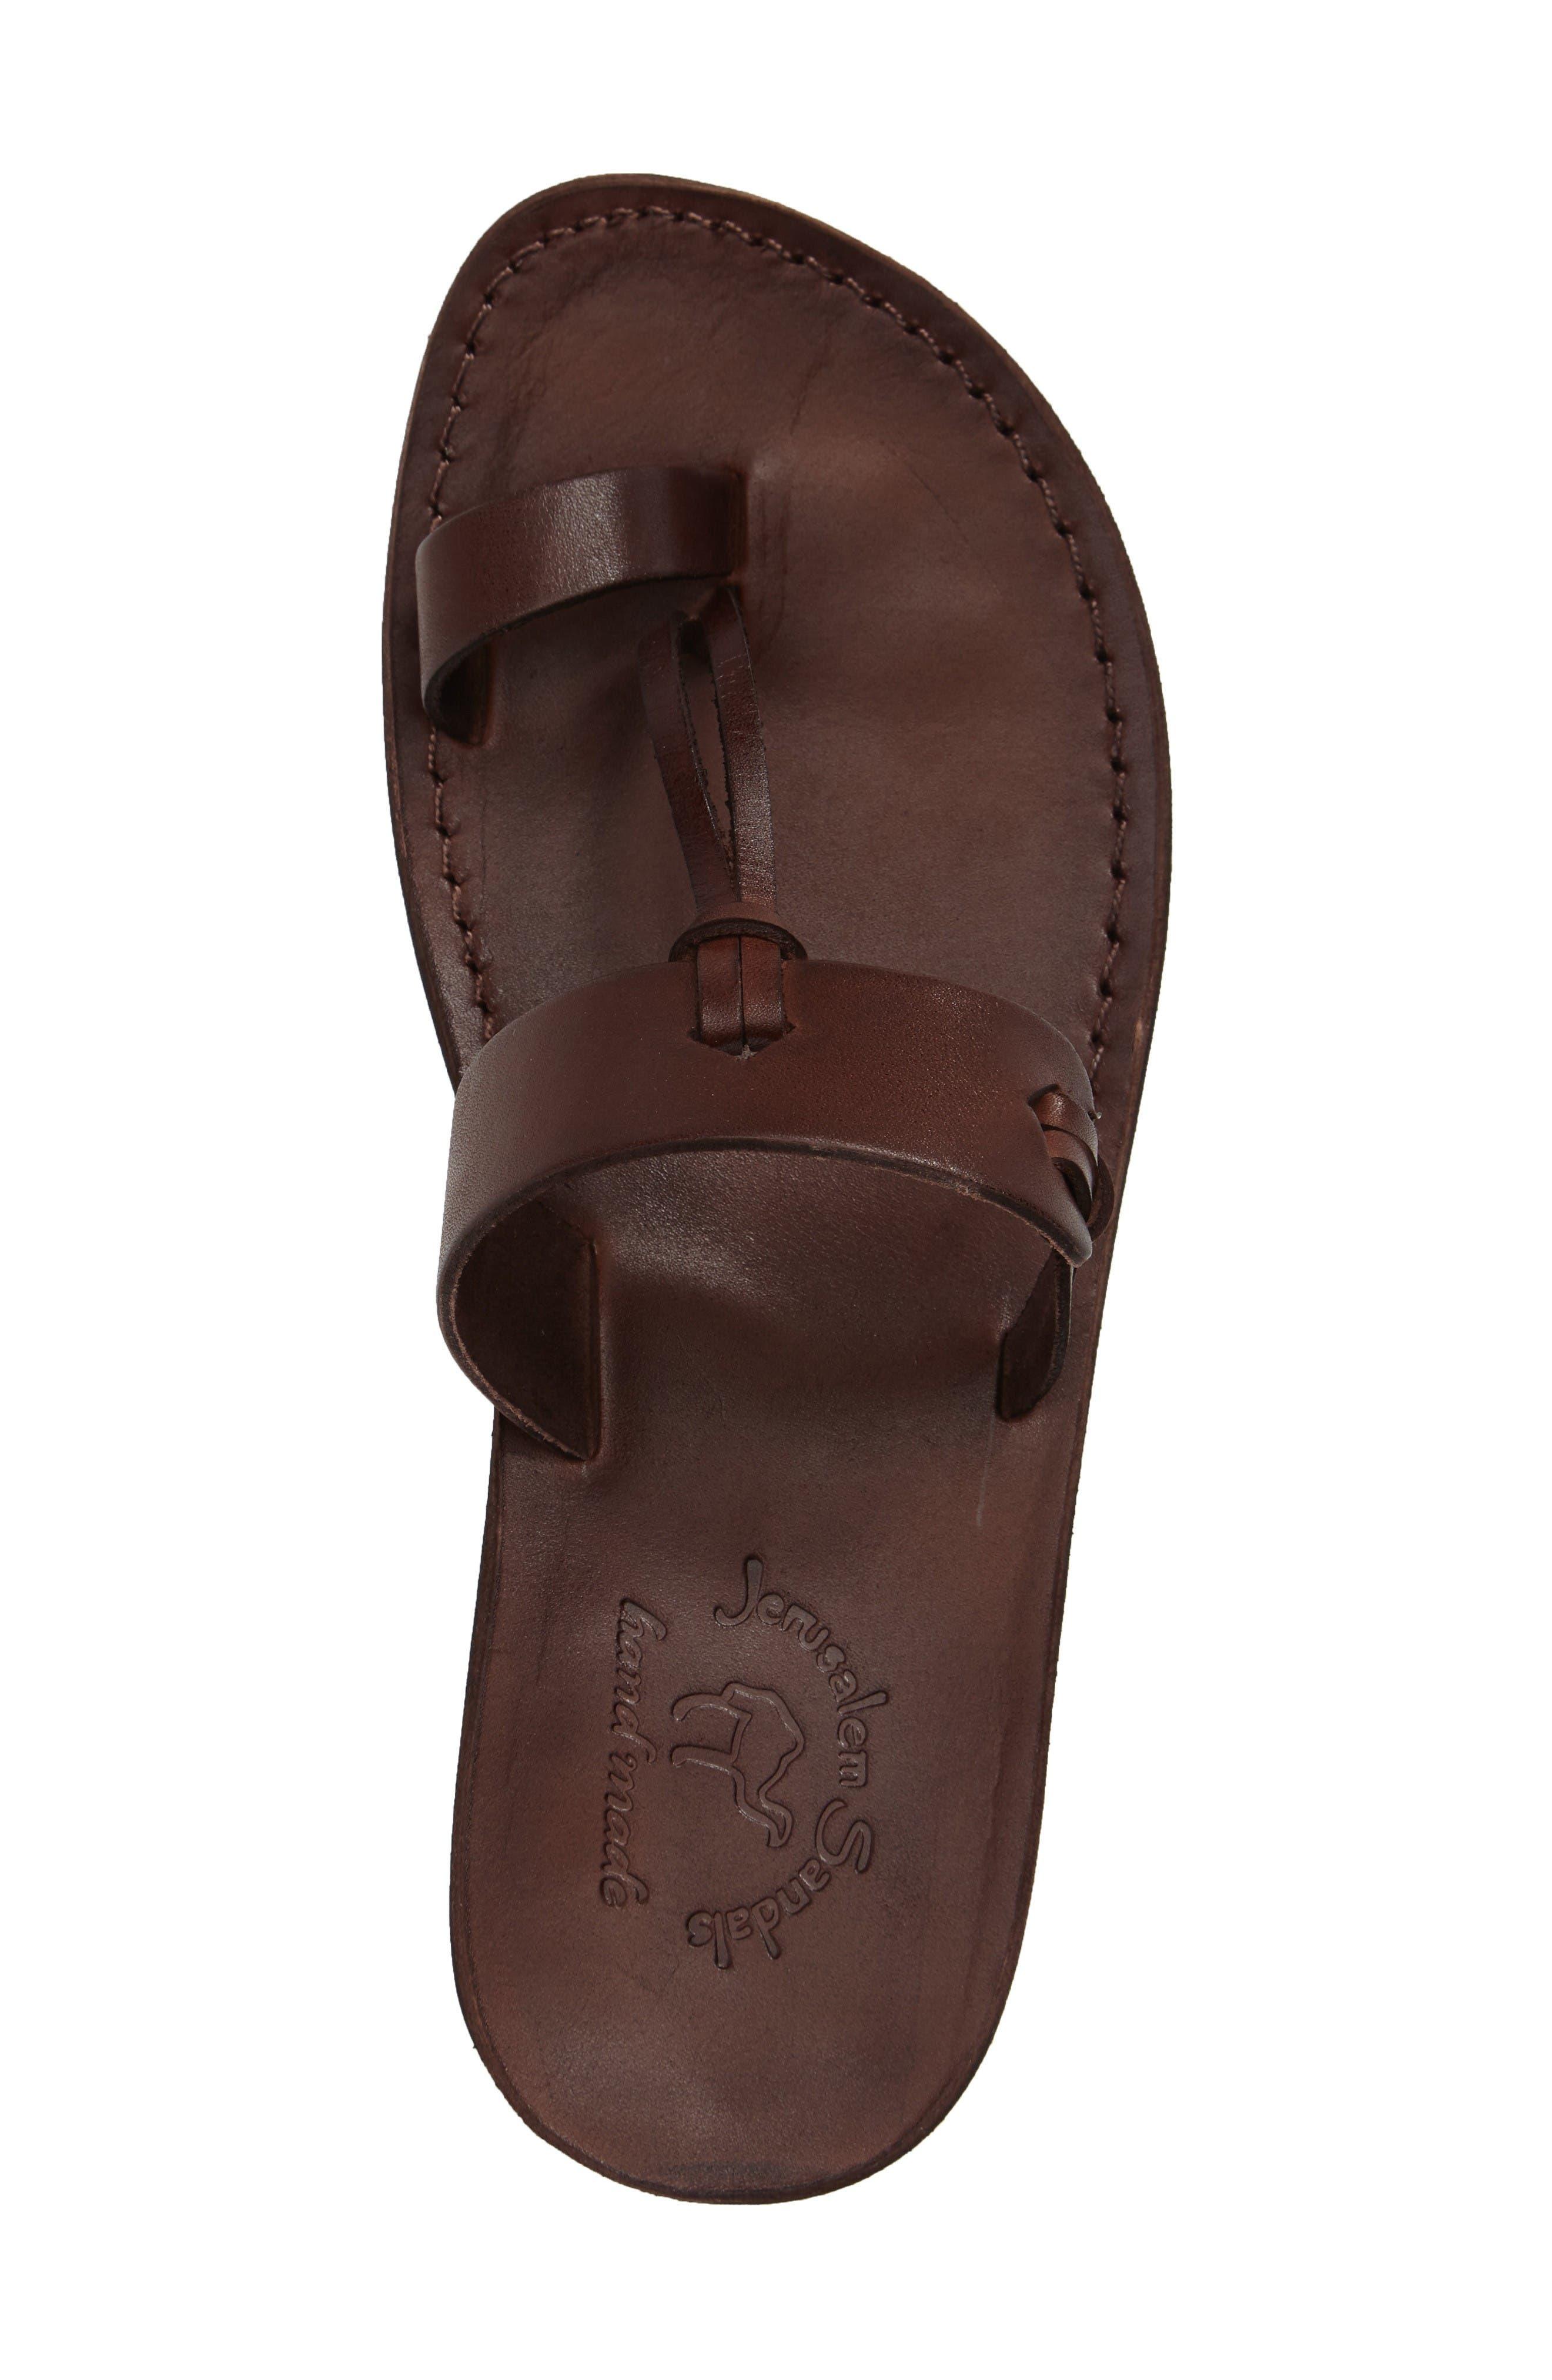 David Toe-Loop Sandal,                             Alternate thumbnail 3, color,                             Brown Leather